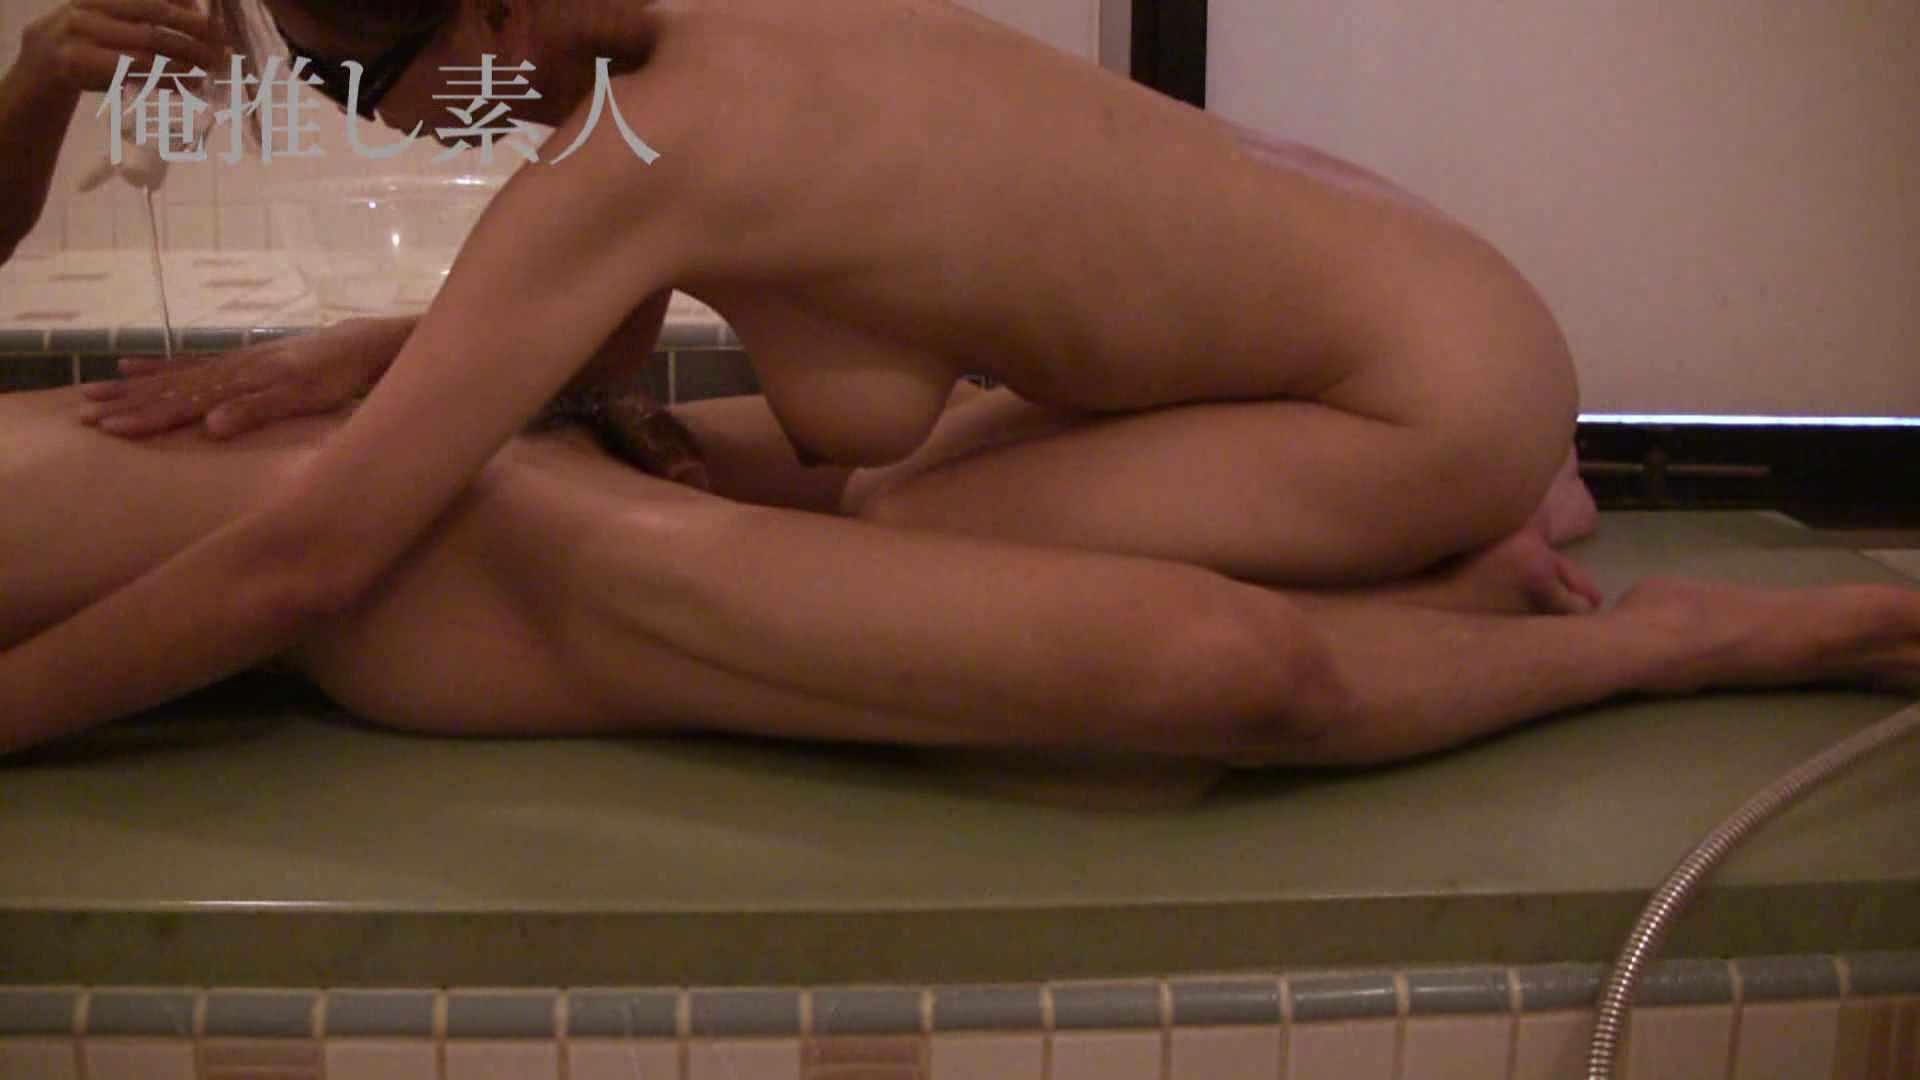 俺推し素人 30代人妻熟女キャバ嬢雫Vol.02 熟女のエッチ AV動画キャプチャ 100pic 46